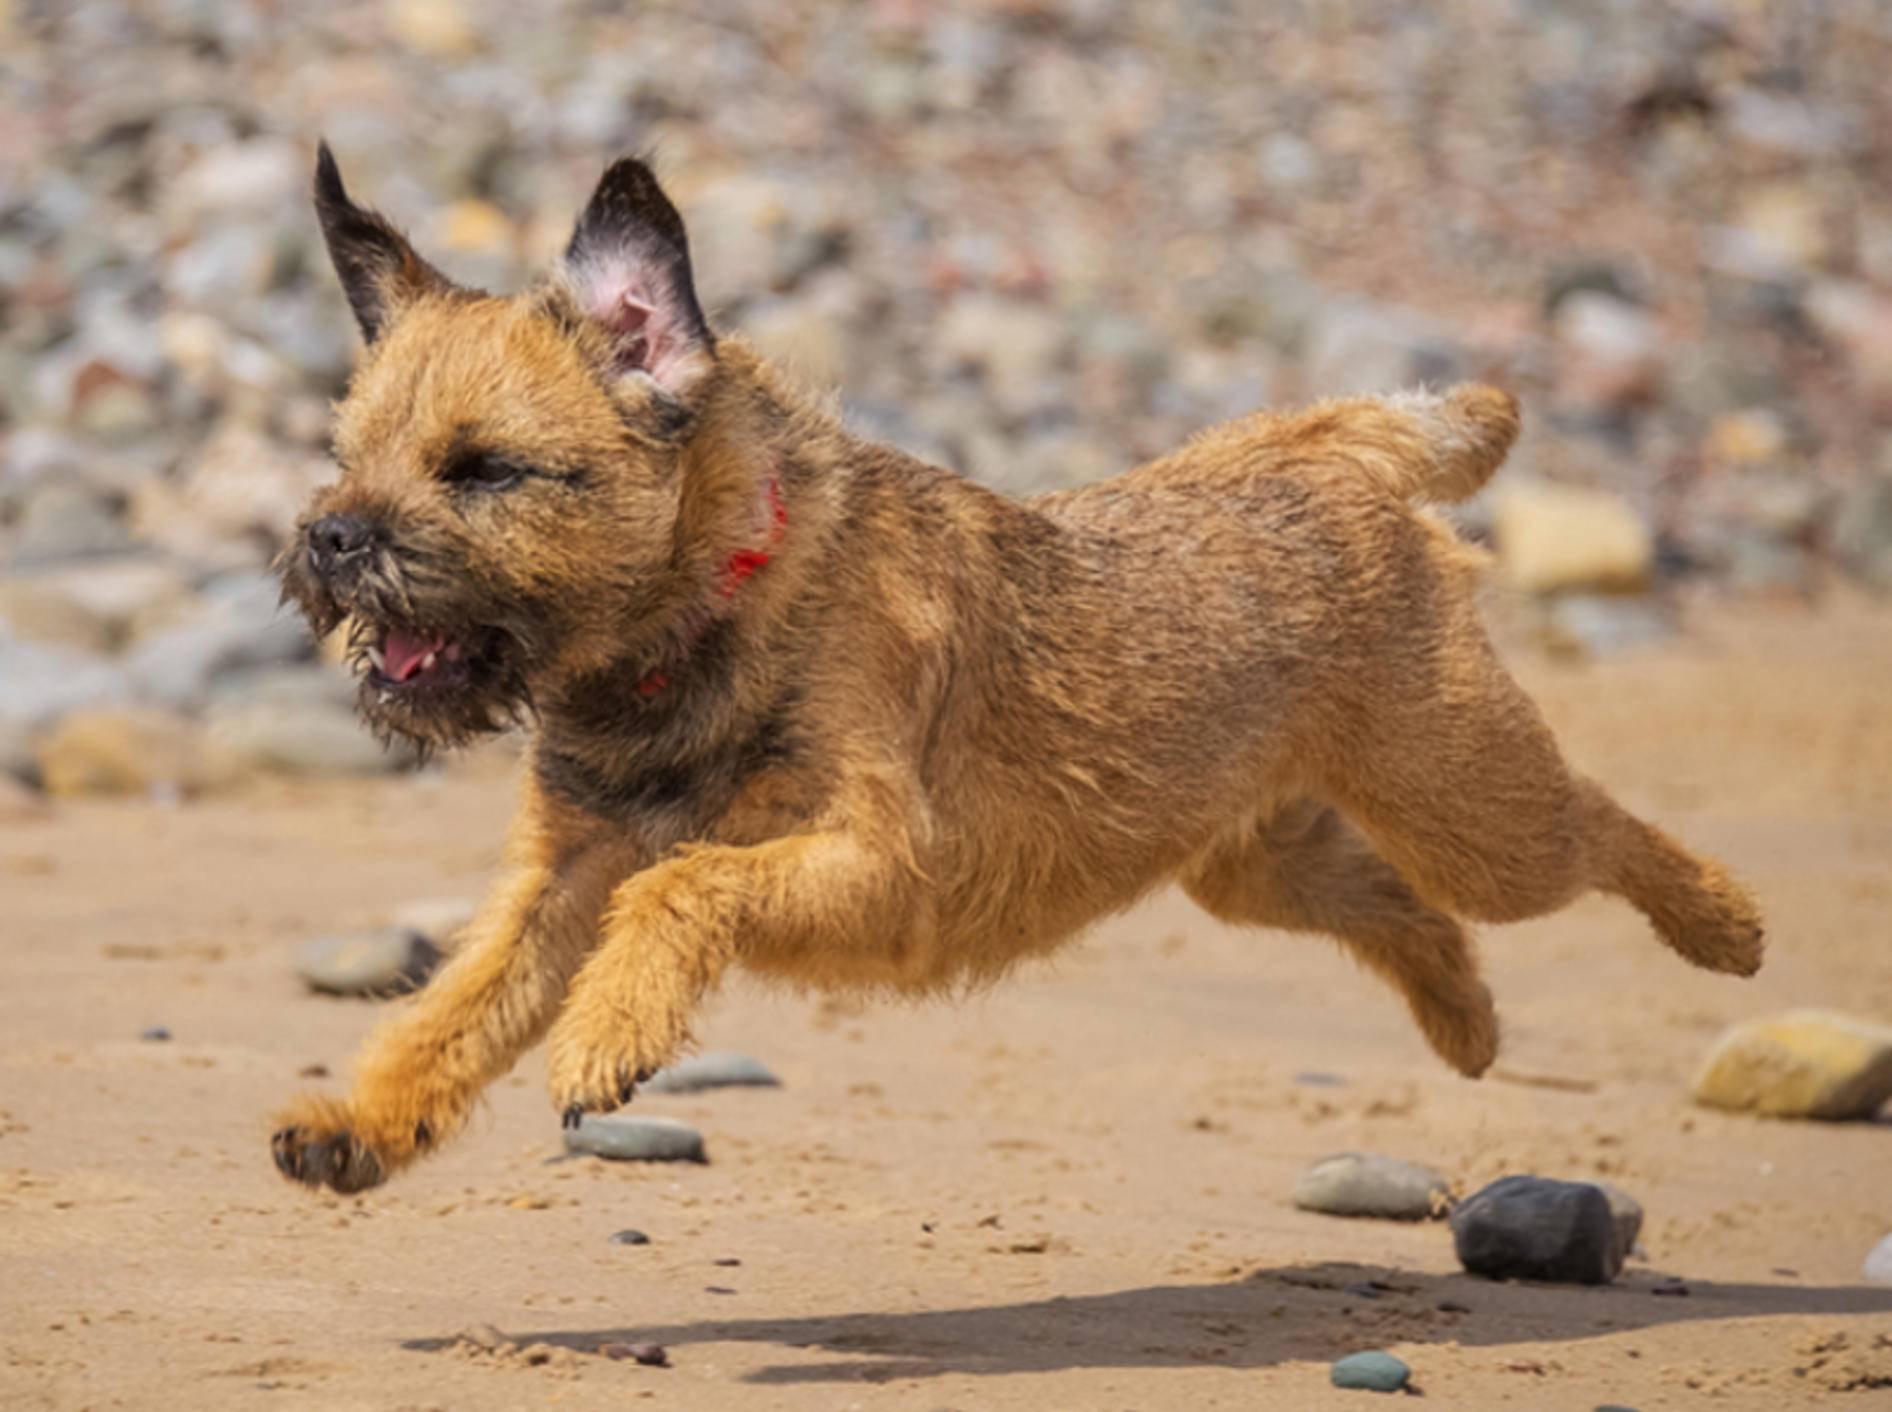 Der Border Terrier ist ein mutiger Hund, der gut ausgelastet werden sollte – Foto: Shutterstock / rebeccaashworth